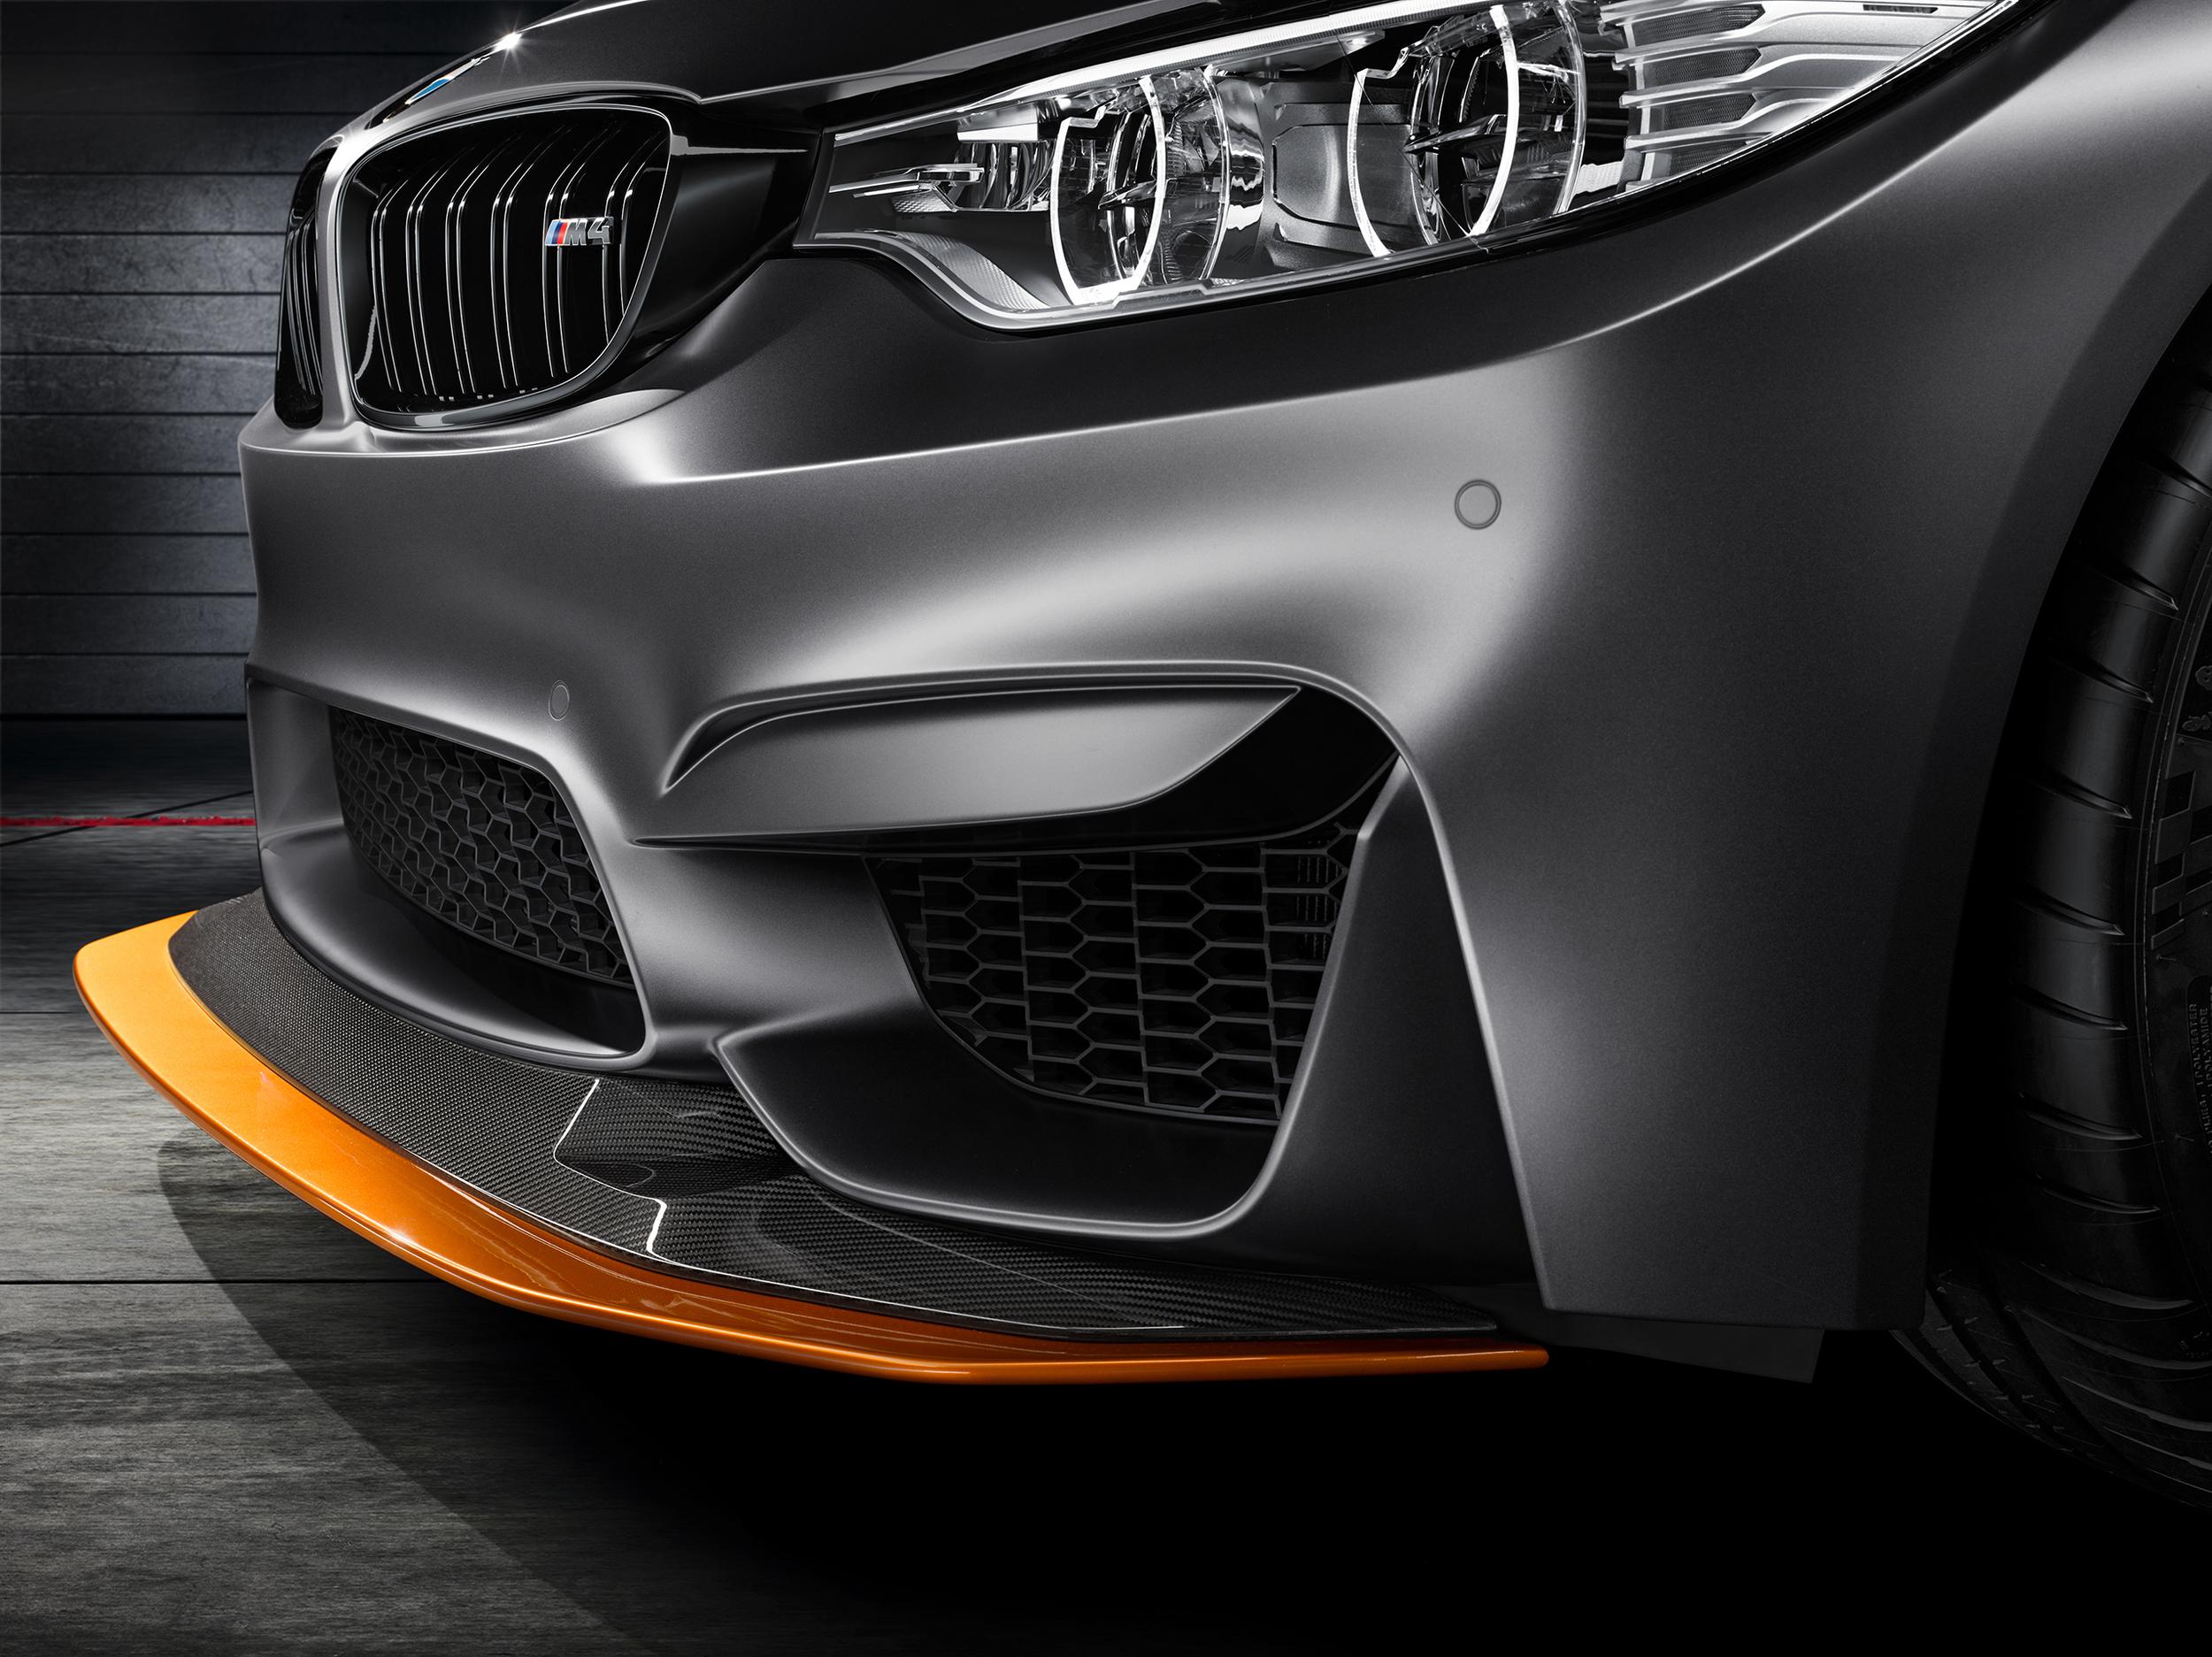 BMW reveals Concept M4 GTS